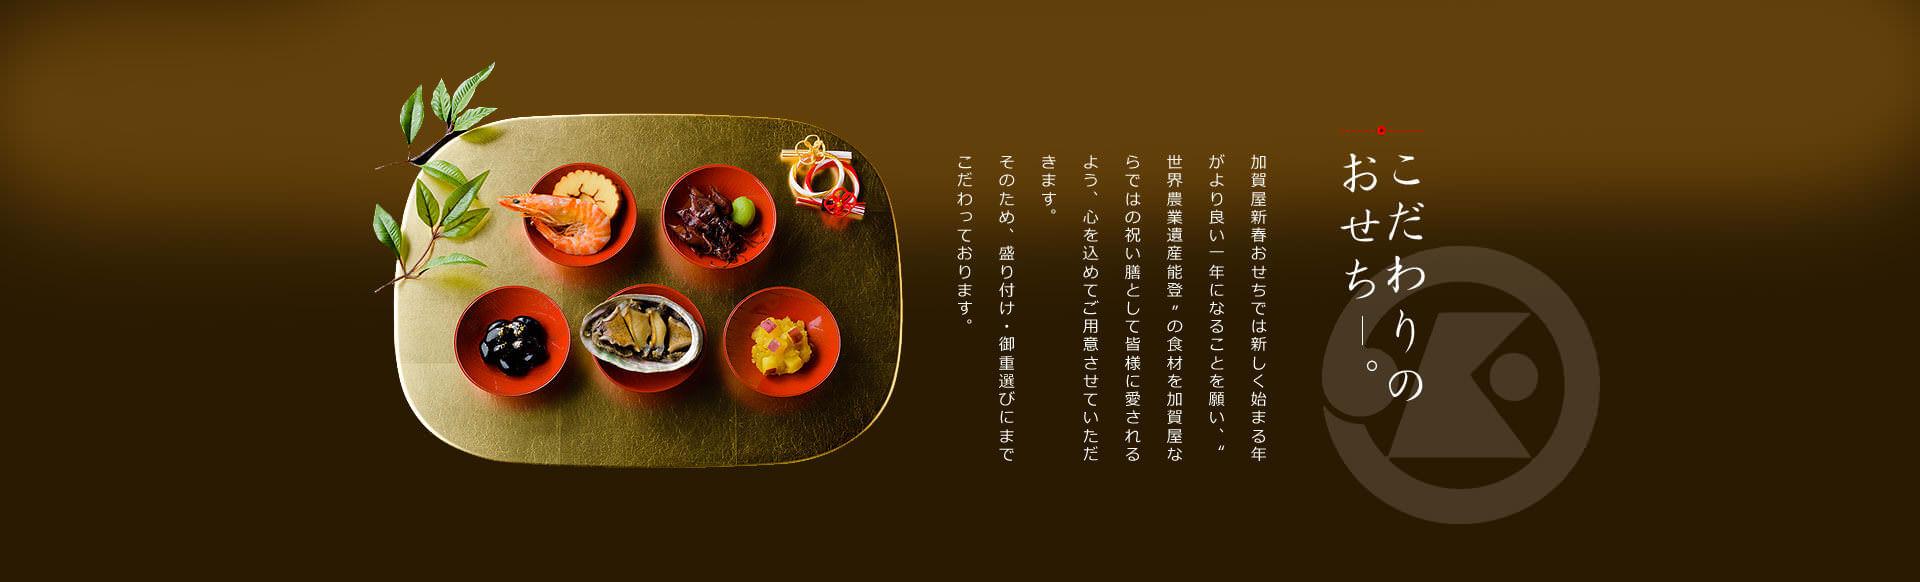 """こだわりのおせち 加賀屋新春おせちでは新しく始まる年がより良い一年になることを願い、""""世界農業遺産能登""""の食材を加賀屋ならではの祝い膳として皆様に愛されるよう、心を込めてご用意させていただきます。そのため、盛り付け・御重選びにまでこだわっております。"""